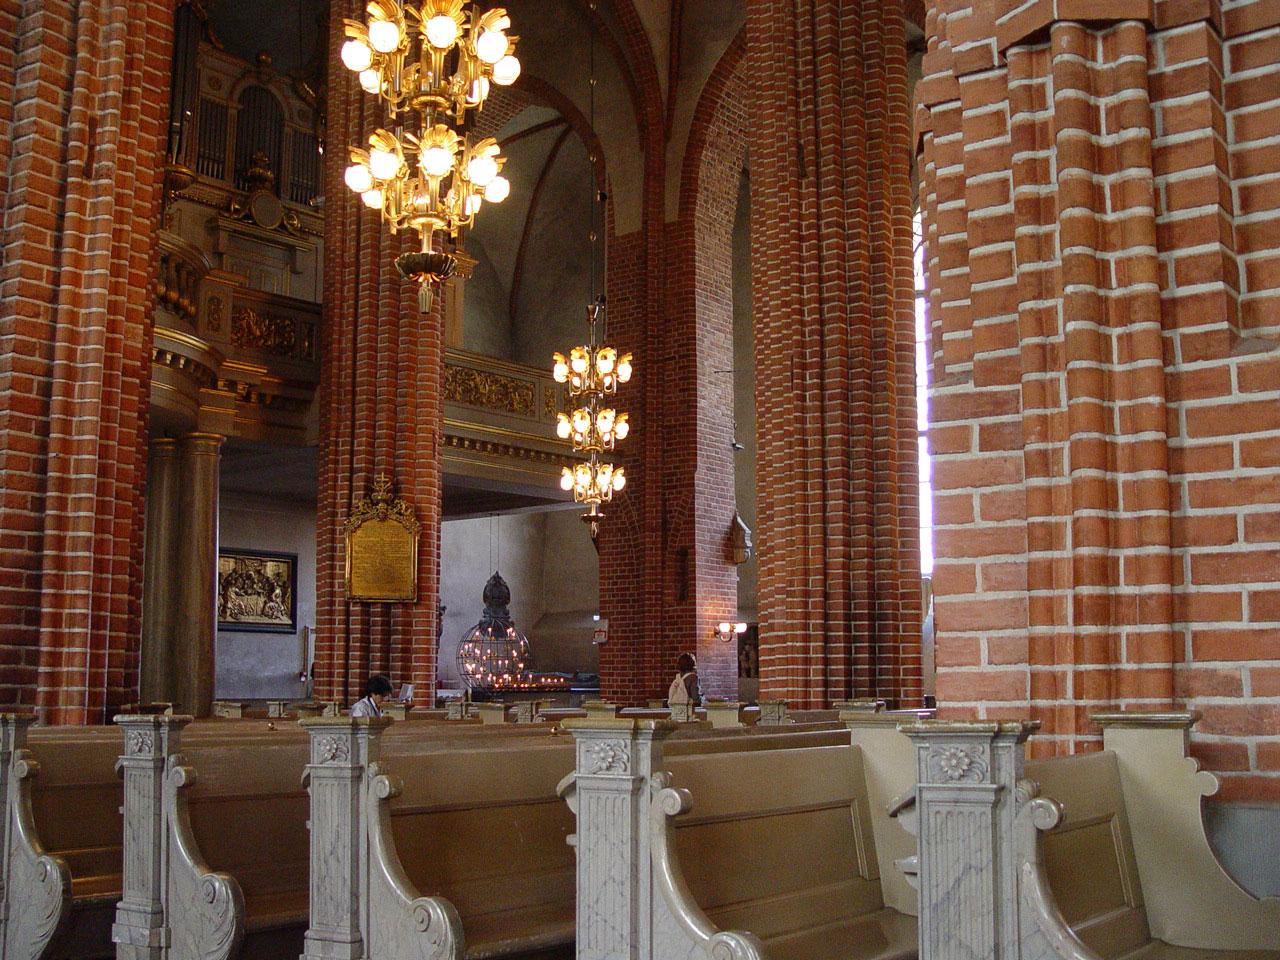 Blick zur Orgel und zum Lichterglobus von Torolf Engström